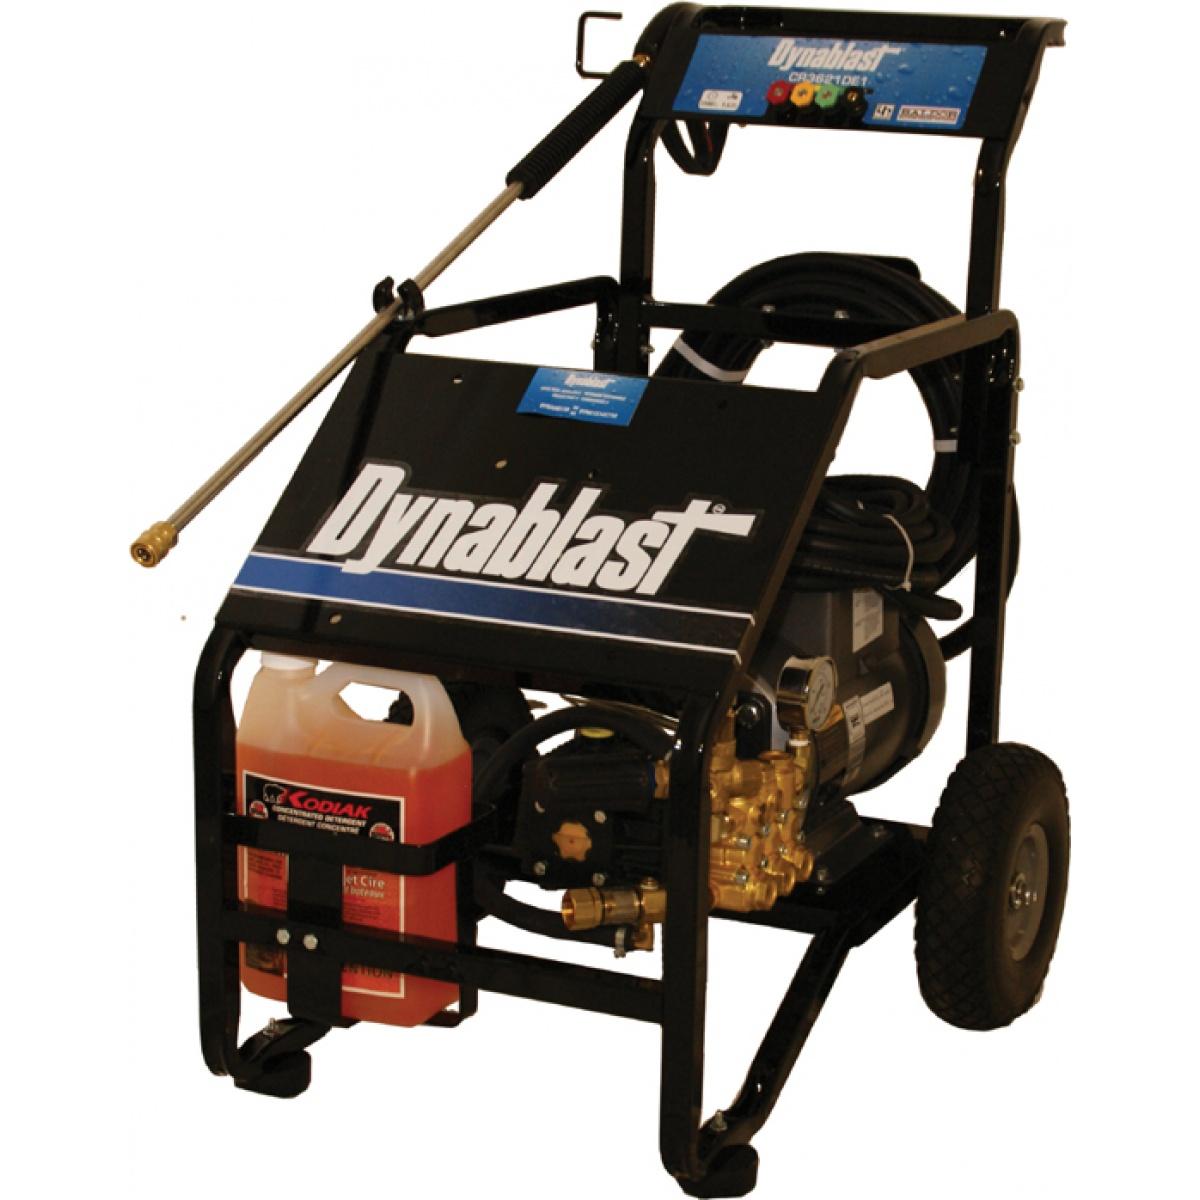 Dynablast CR3621DE1 Cold Water Pressure Washer